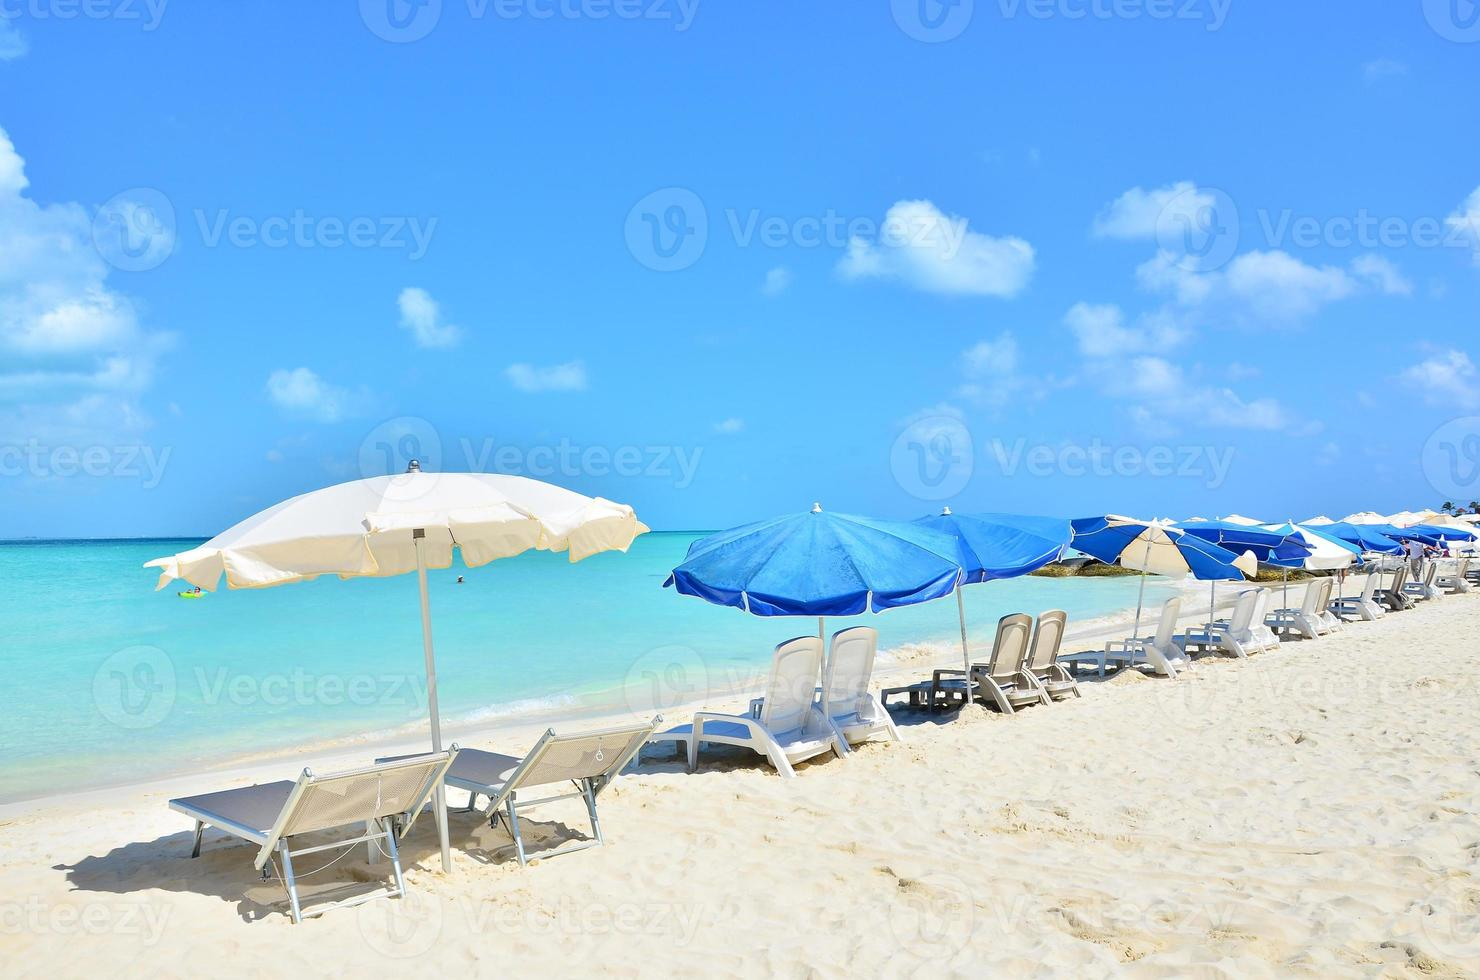 plage des Caraïbes photo